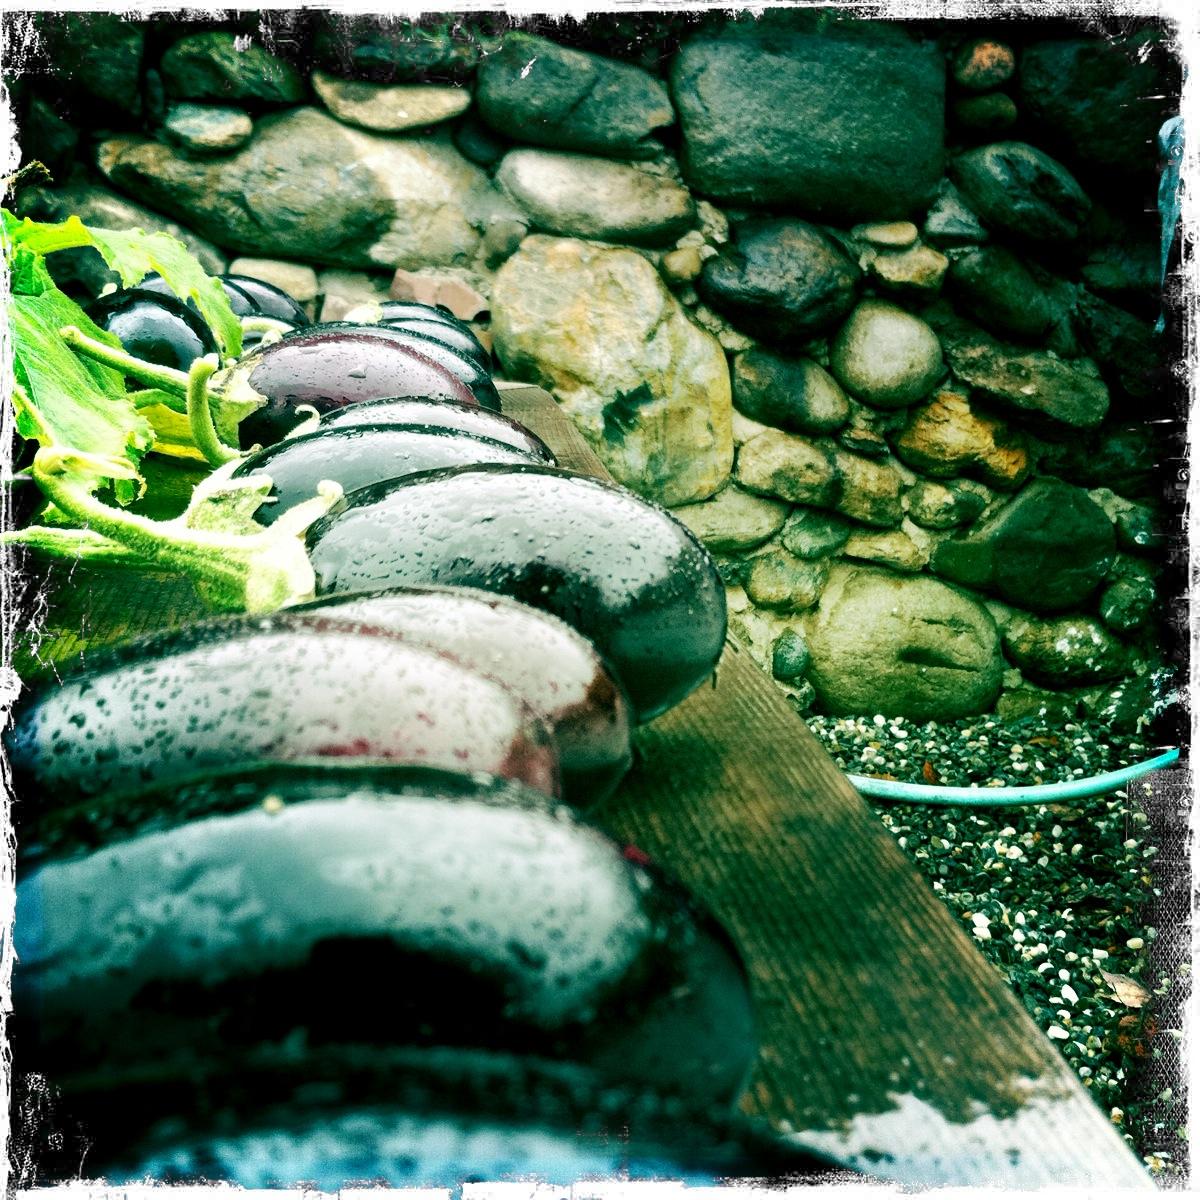 """""""Thea Alvin's Stone Art   The School of Hard Rocks"""" by Julia Shipley, August 27, 2014"""